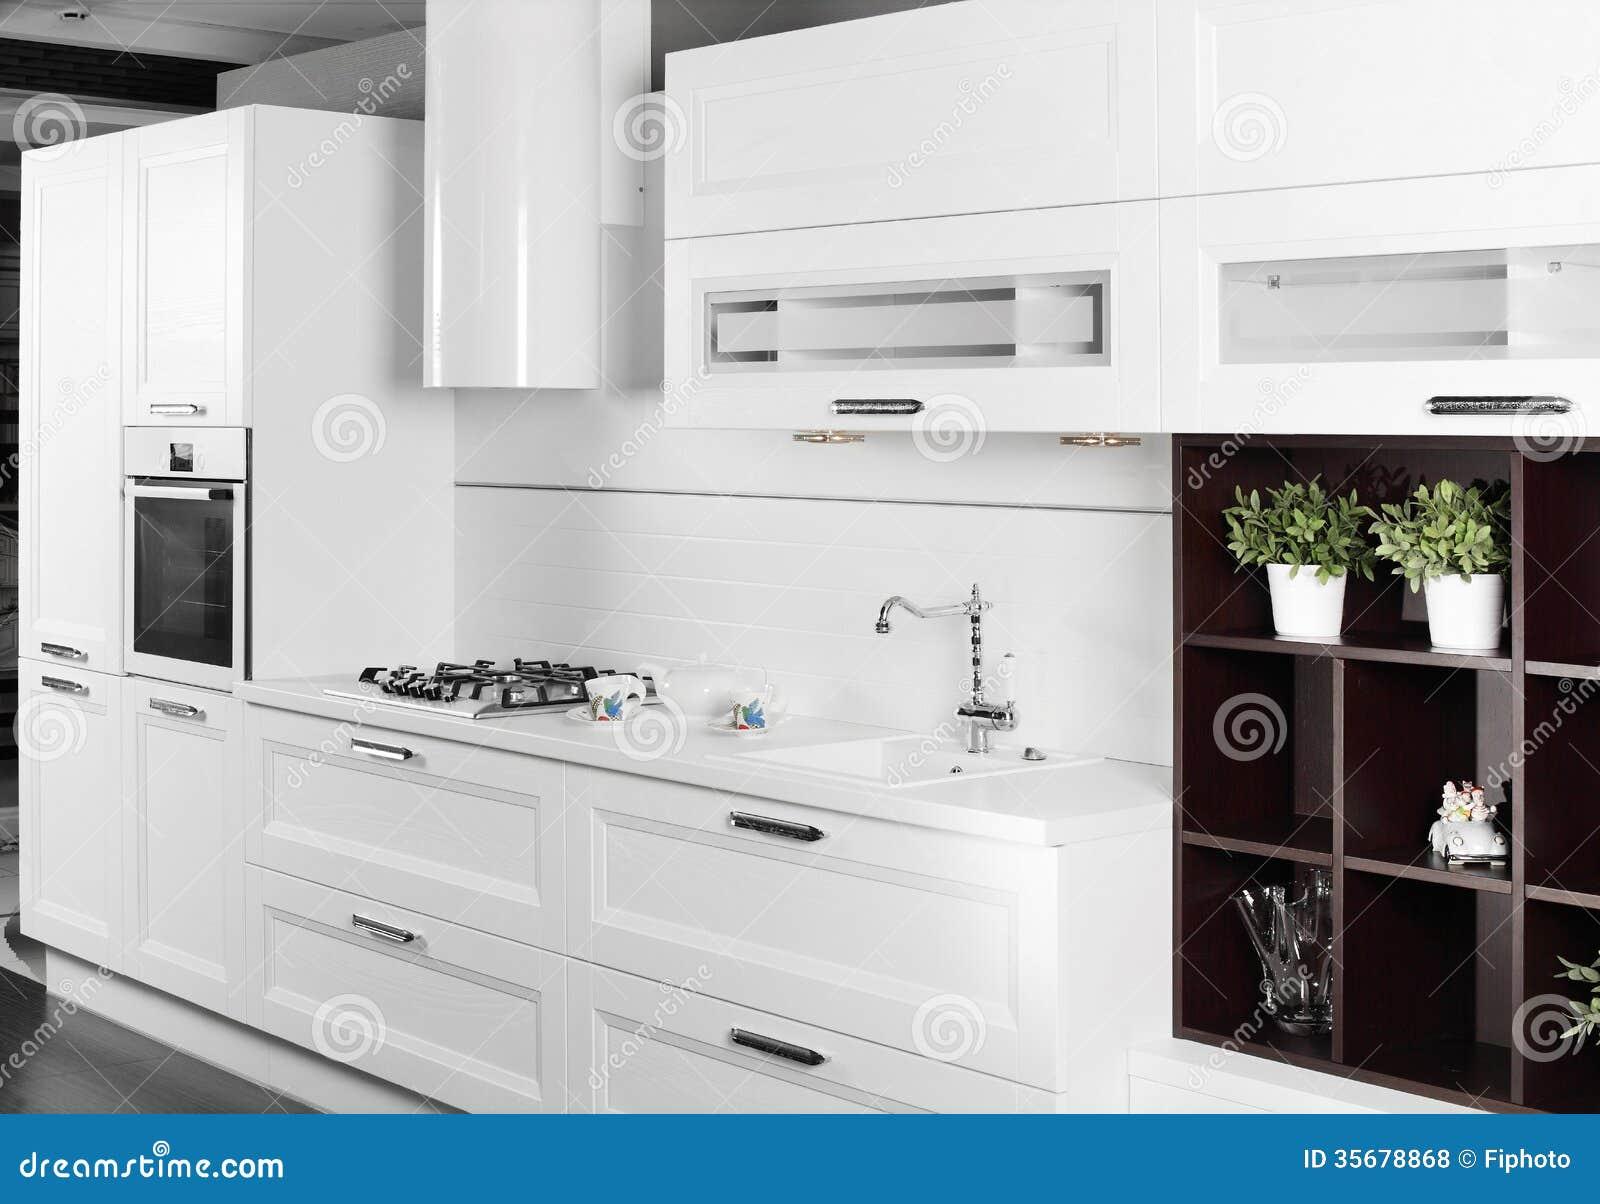 Interior Design Blogs Ikea Best House Design Ideas #82A328 1300 995